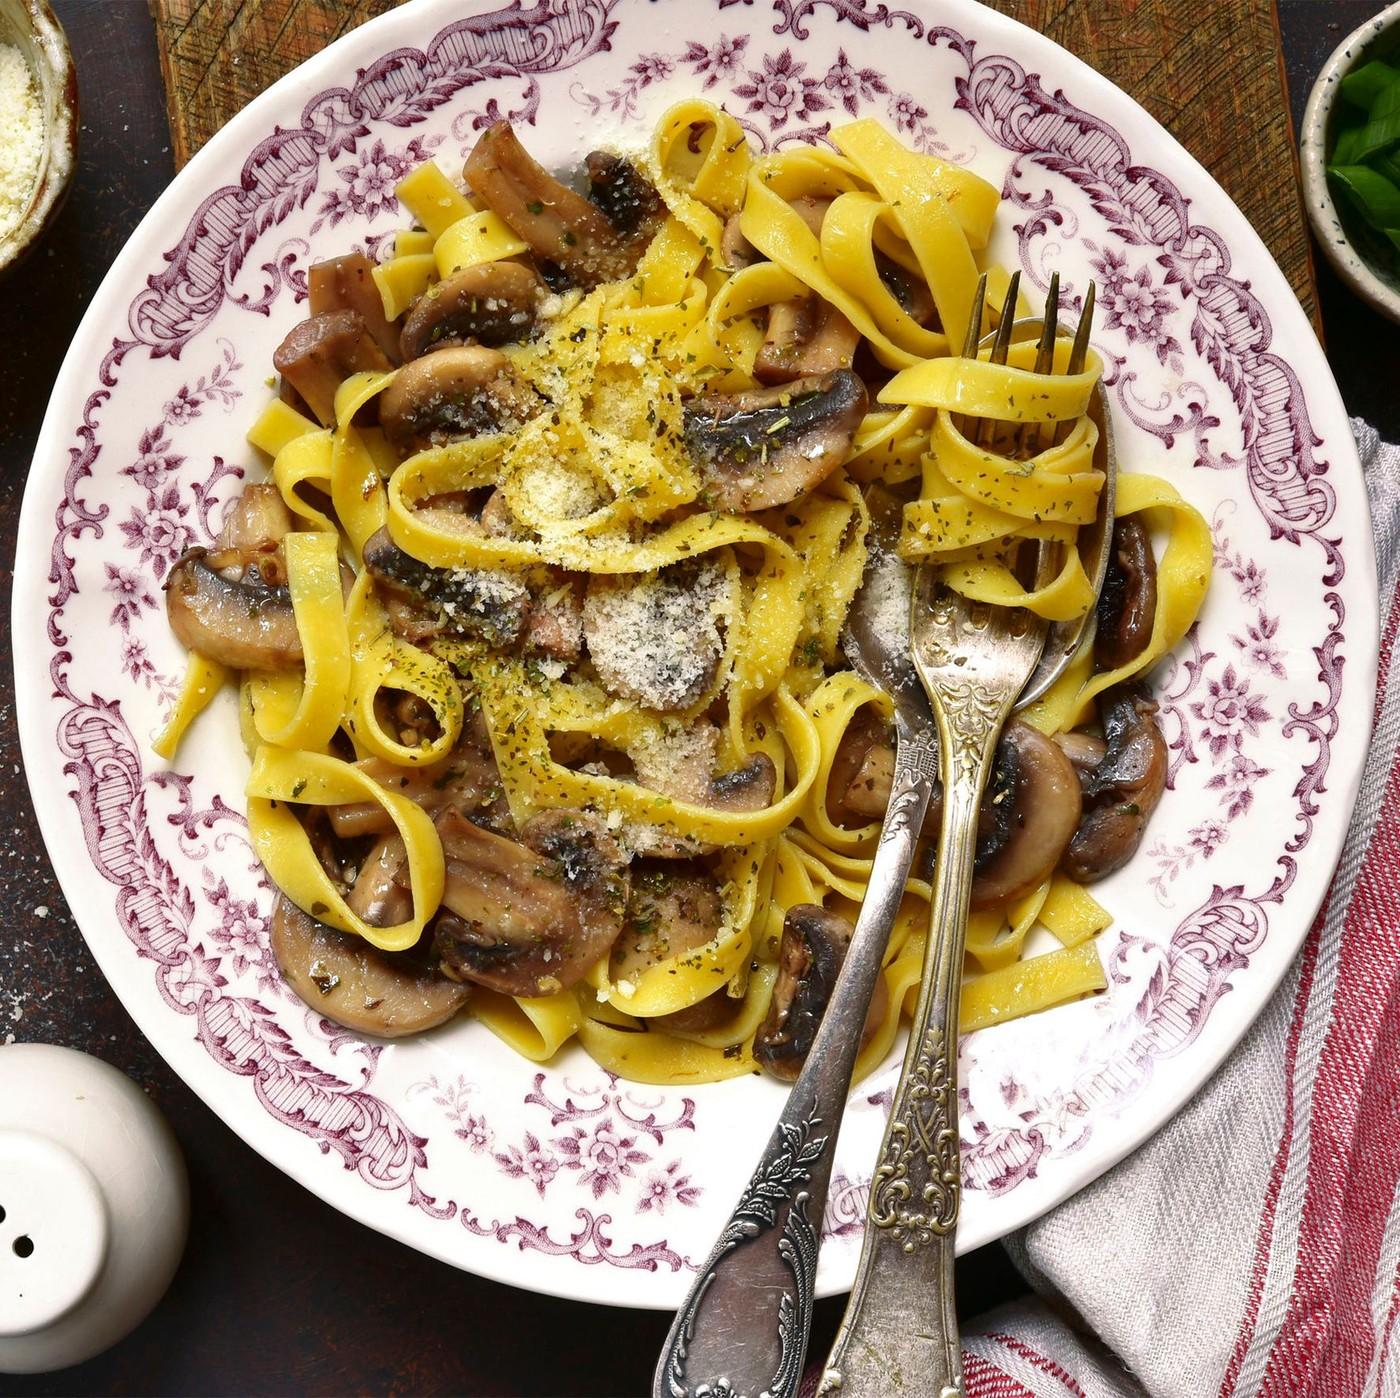 receta de Delicia de setas porcini y trufa blanca